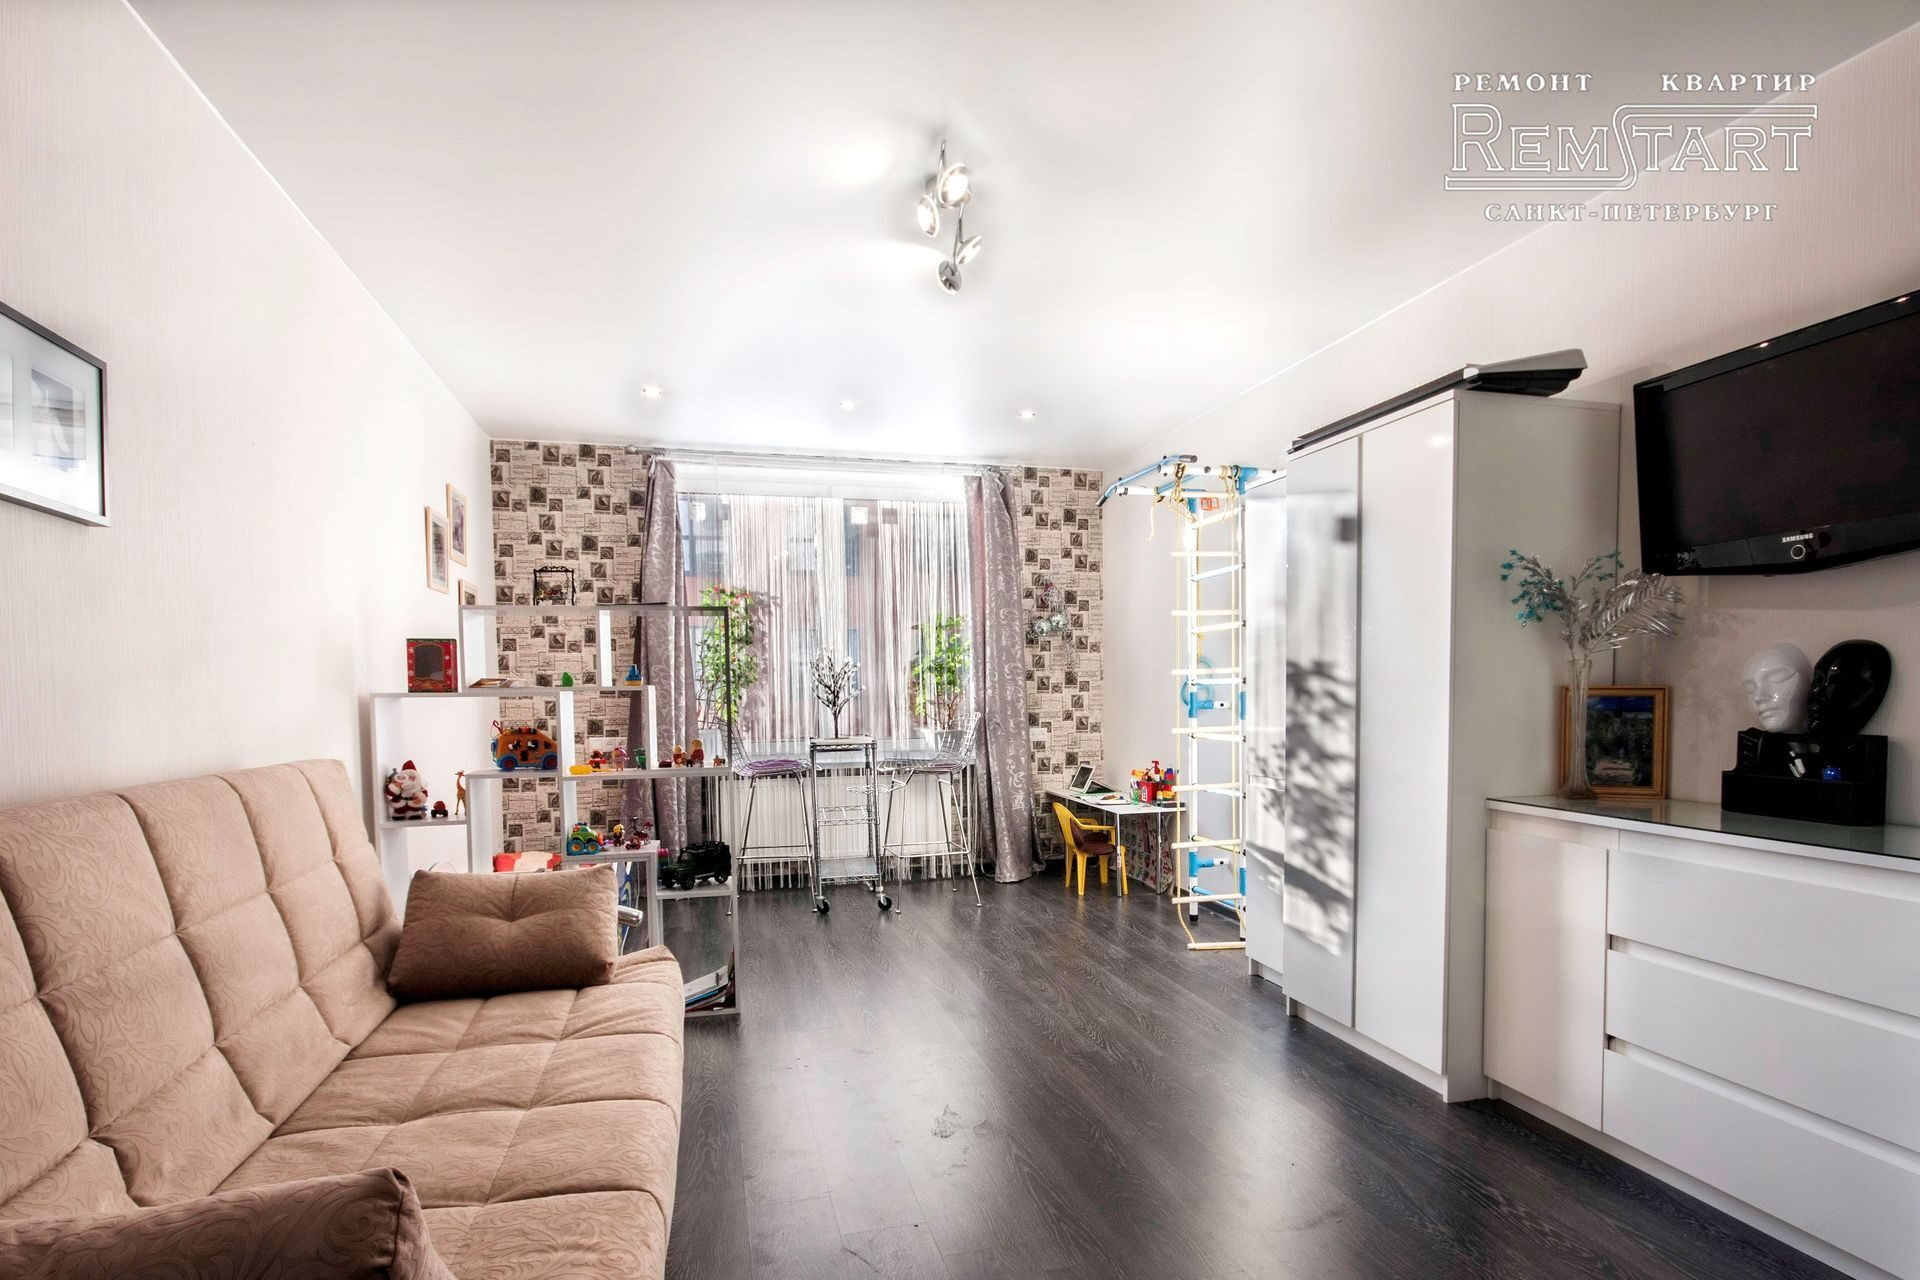 Отделка квартир под ключ - Доступные цены 2018 года